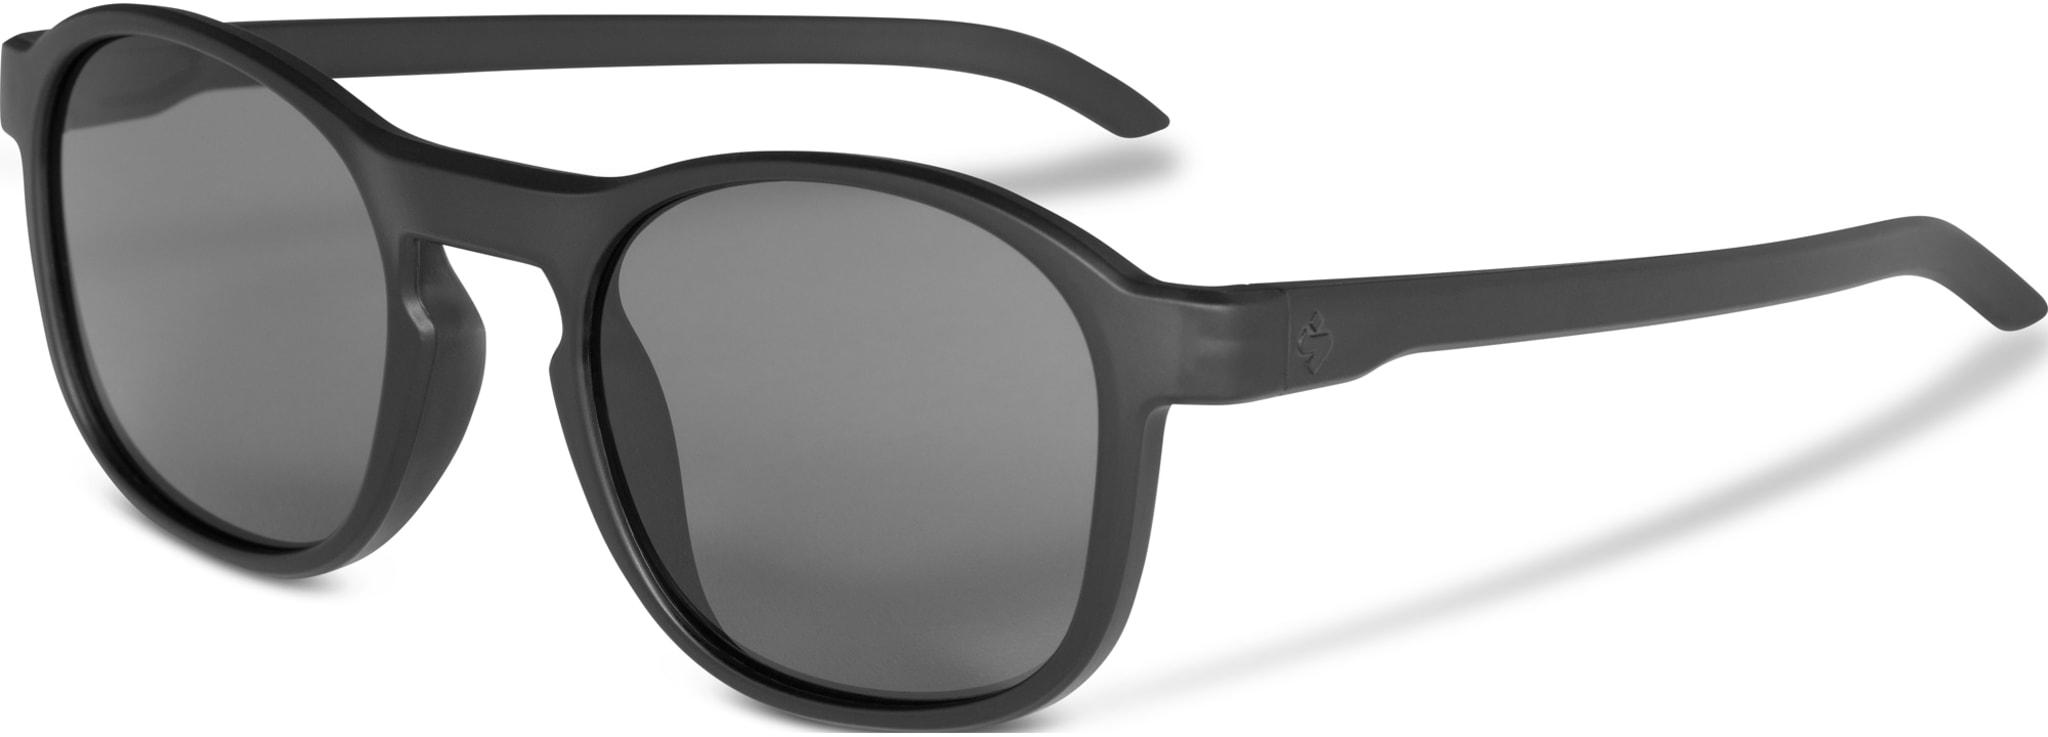 Stilig brille som kombinerer utseende og funksjon